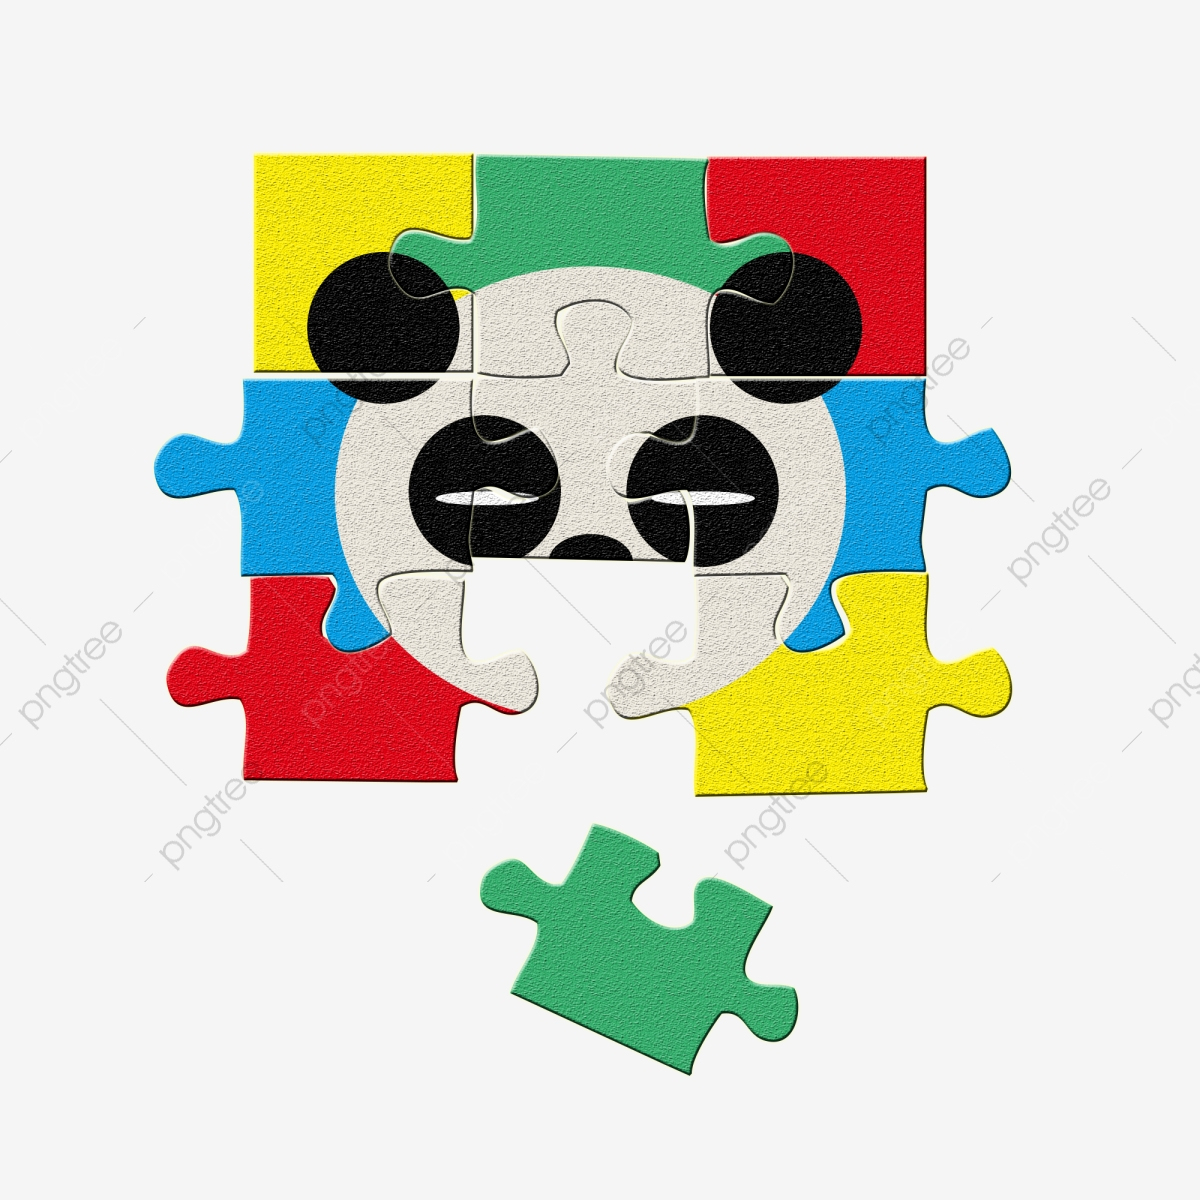 Matériel De Puzzle Mignon Panda Couleur Pour Jouets Enfants intérieur Puzzle Gratuit Enfant